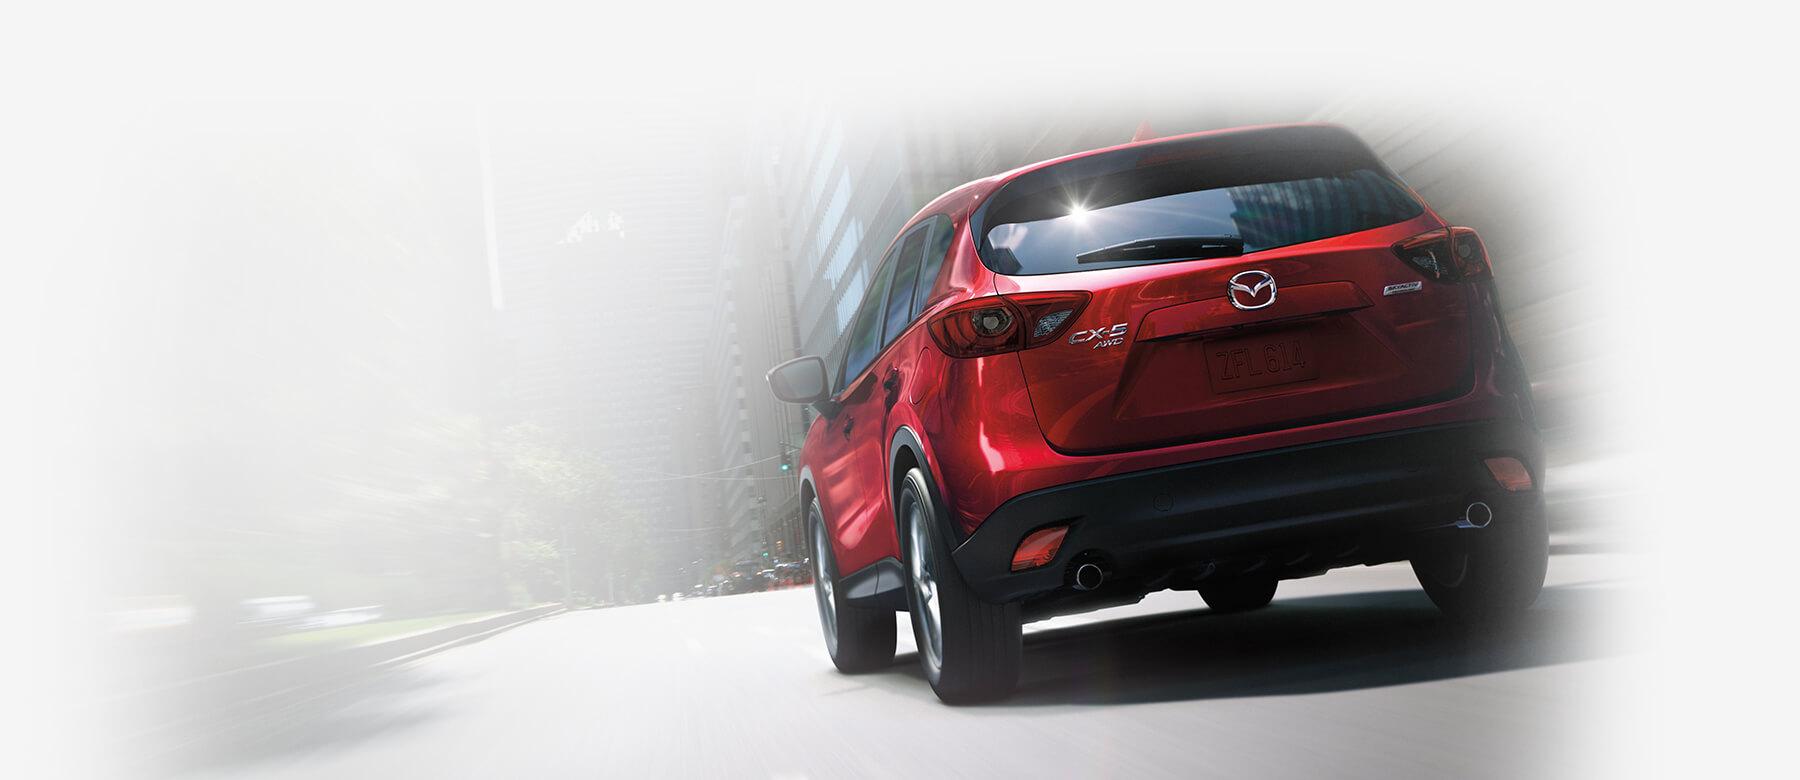 Mazda Capital Services >> 2016 Mazda CX-5 Crossover SUV - Fuel Efficient SUV | Mazda USA